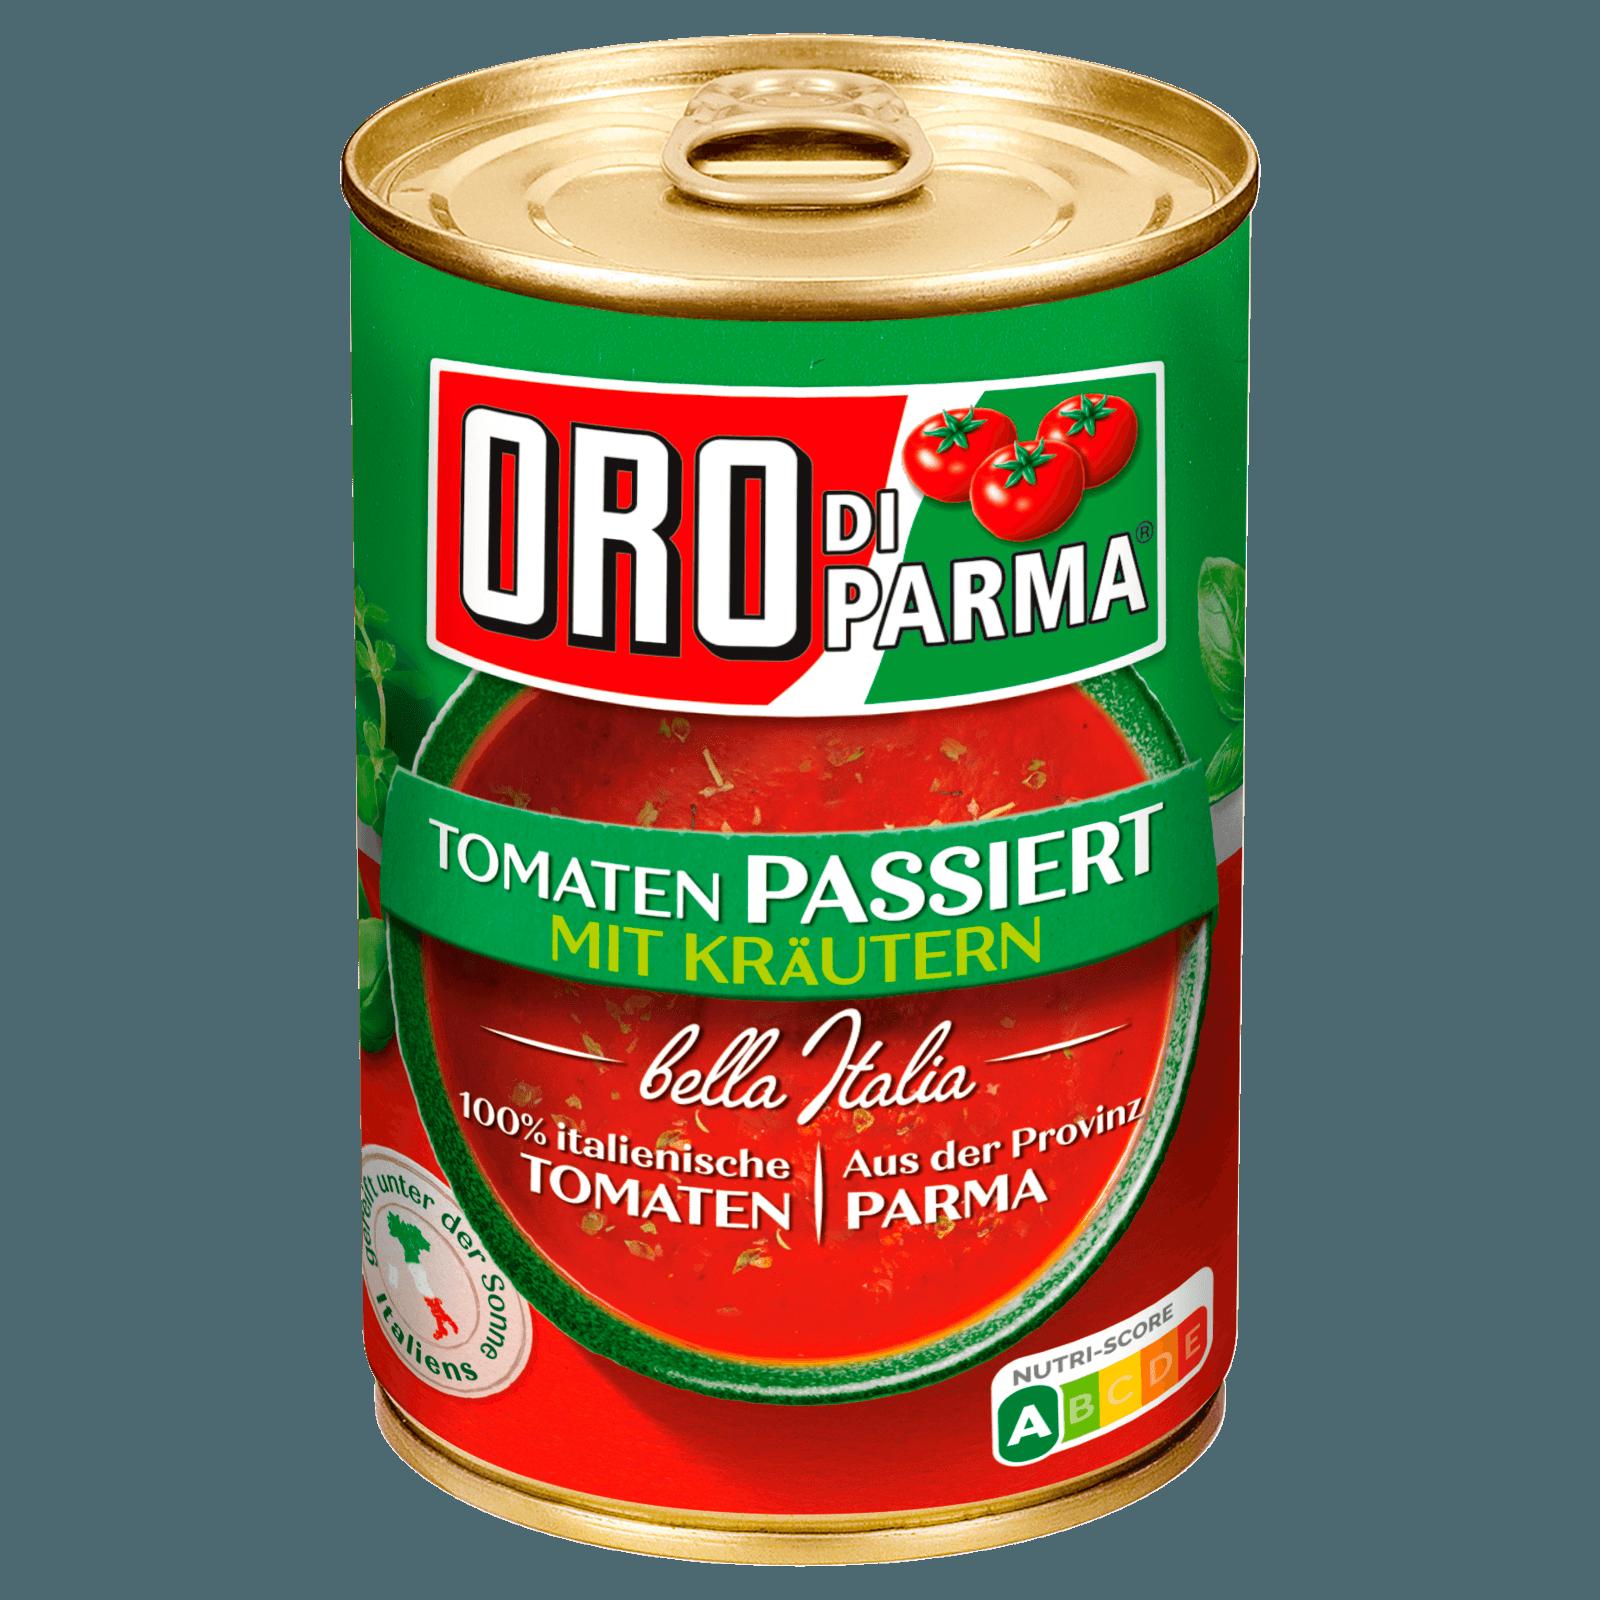 Oro di Parma Passierte Tomaten mit Kräutern 400g